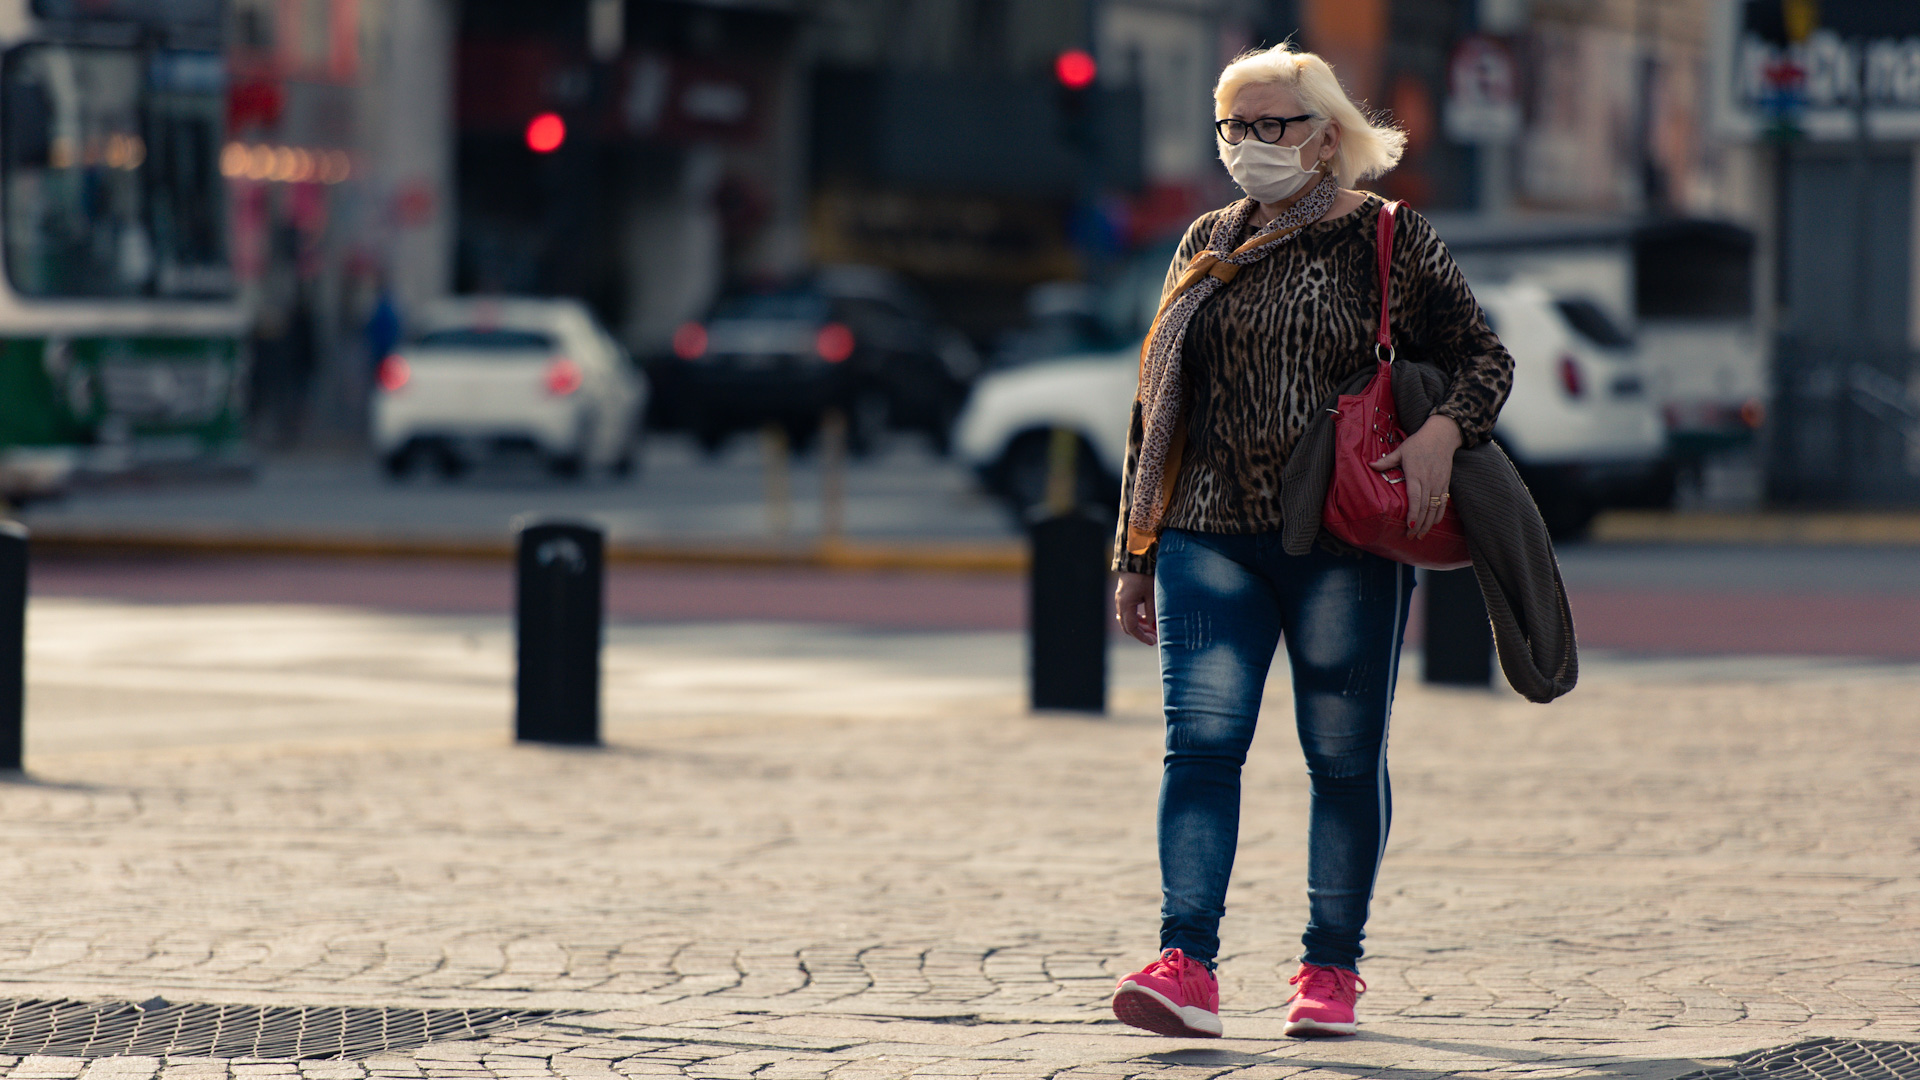 El uso obligatorio de tapabocas en la Ciudad de Buenos Aires tuvo una gran aceptación. Algunos utilizan barbijos, otros se las ingenian con creaciones caseras para tapar su boca y su nariz